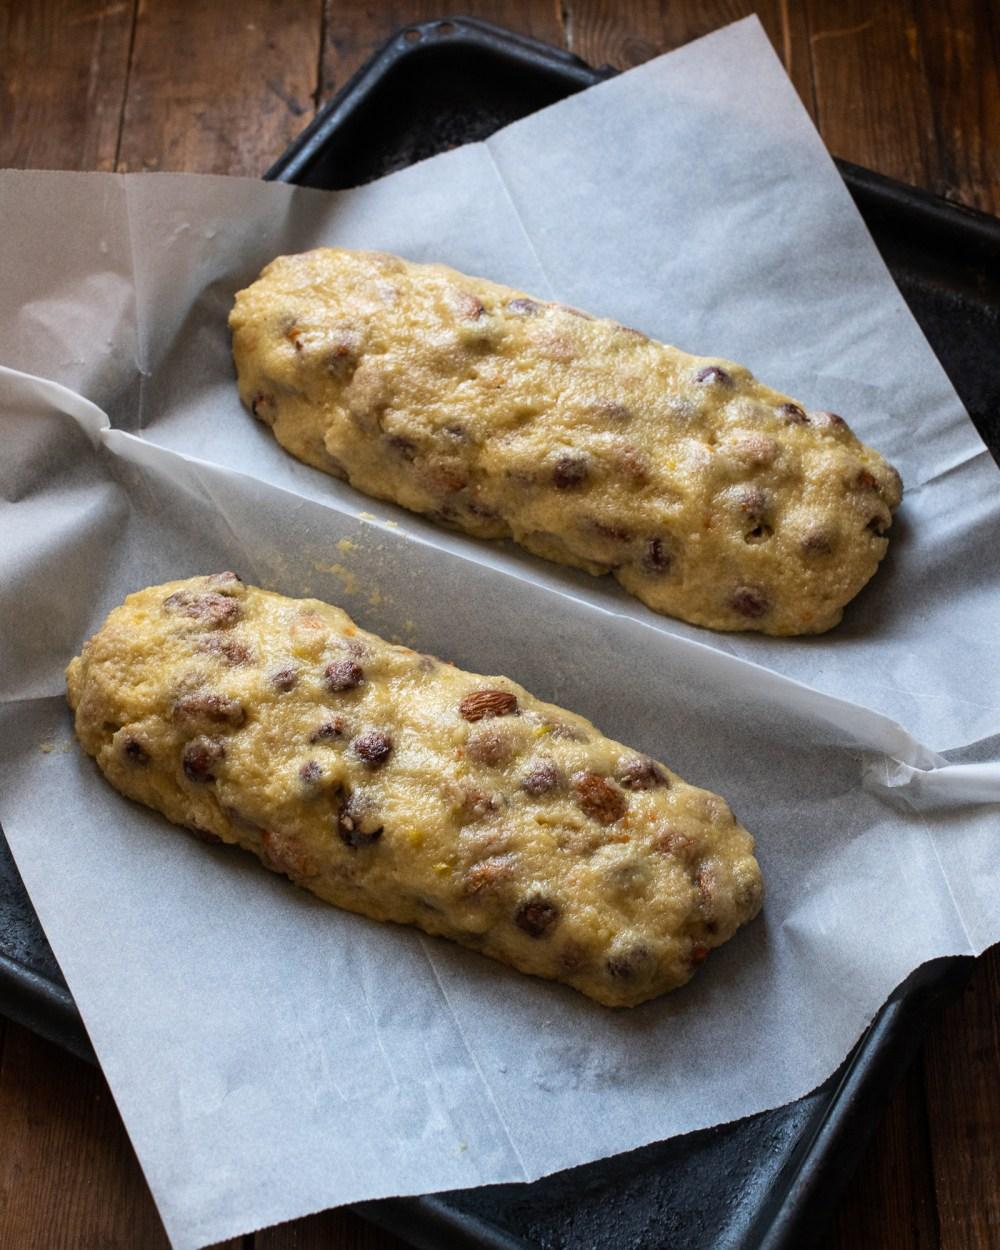 ביסקוטי אגוזי לוז ושקדים בבלוג המתכונים סירפלא של אורלי פלאי ברונשטיין נמרוד סונדרס